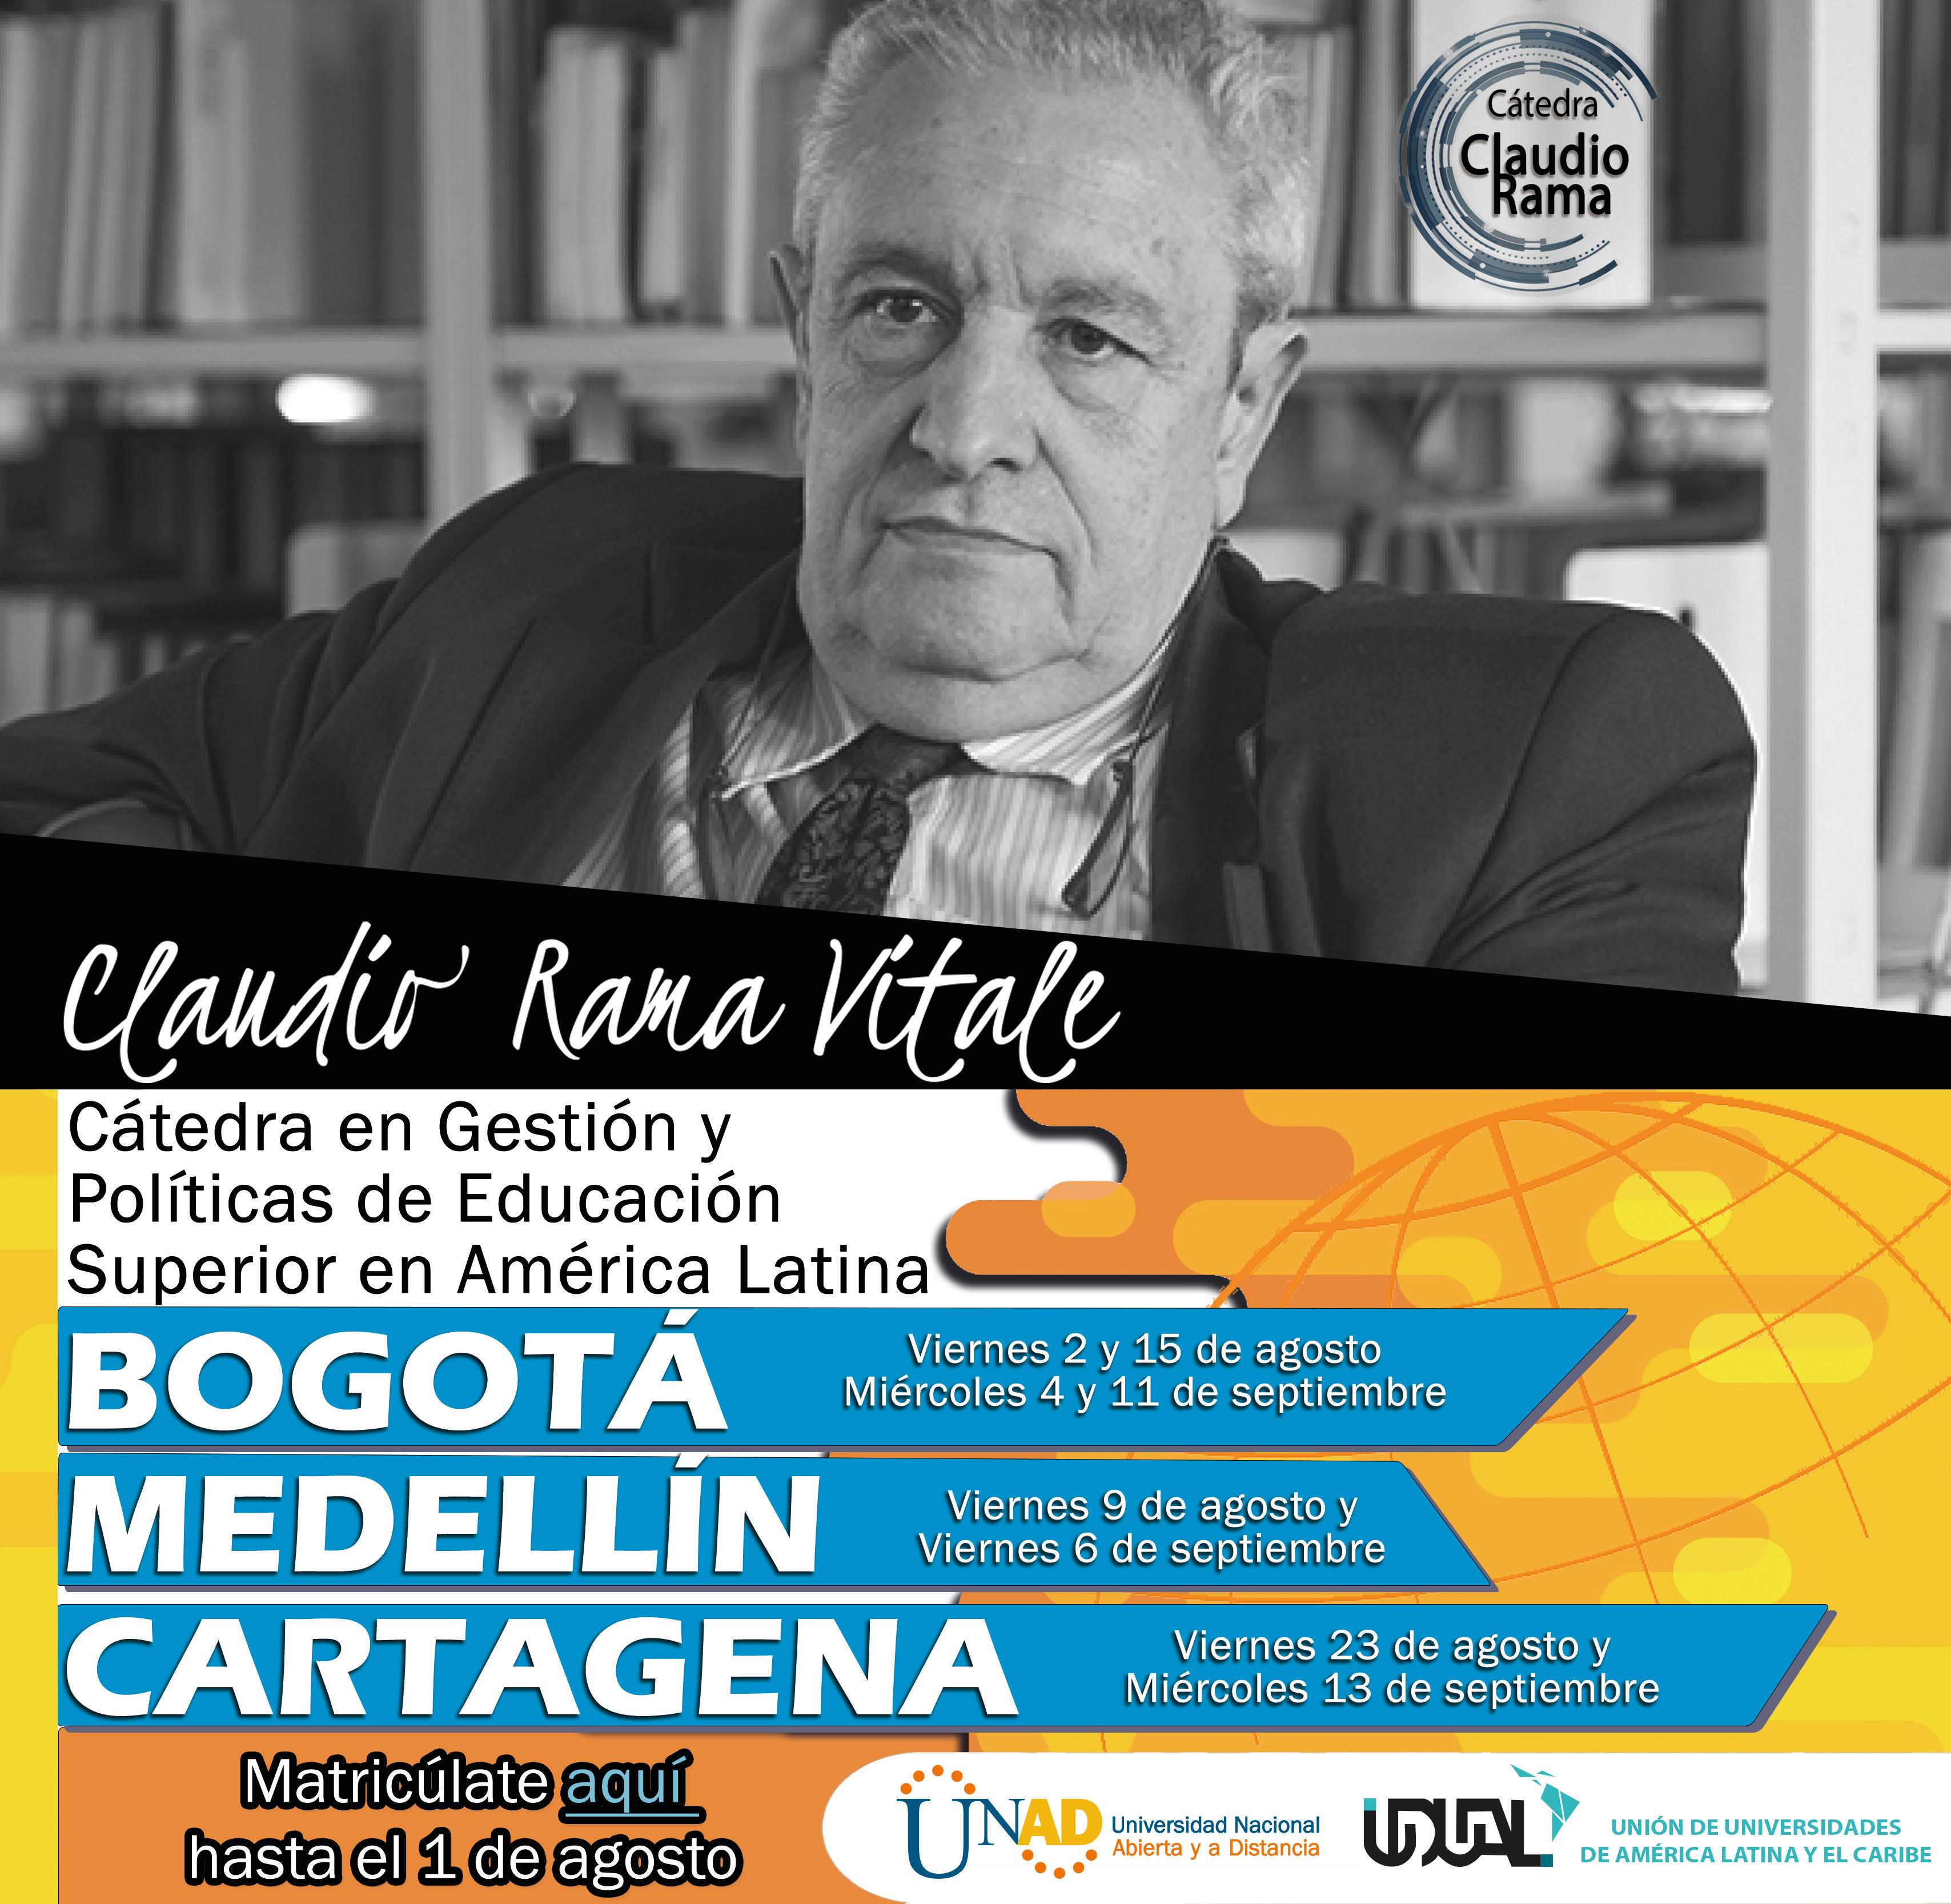 La UNAD lanza el segundo ciclo de la Cátedra en Gestión y Políticas de Educación Superior en América Latina